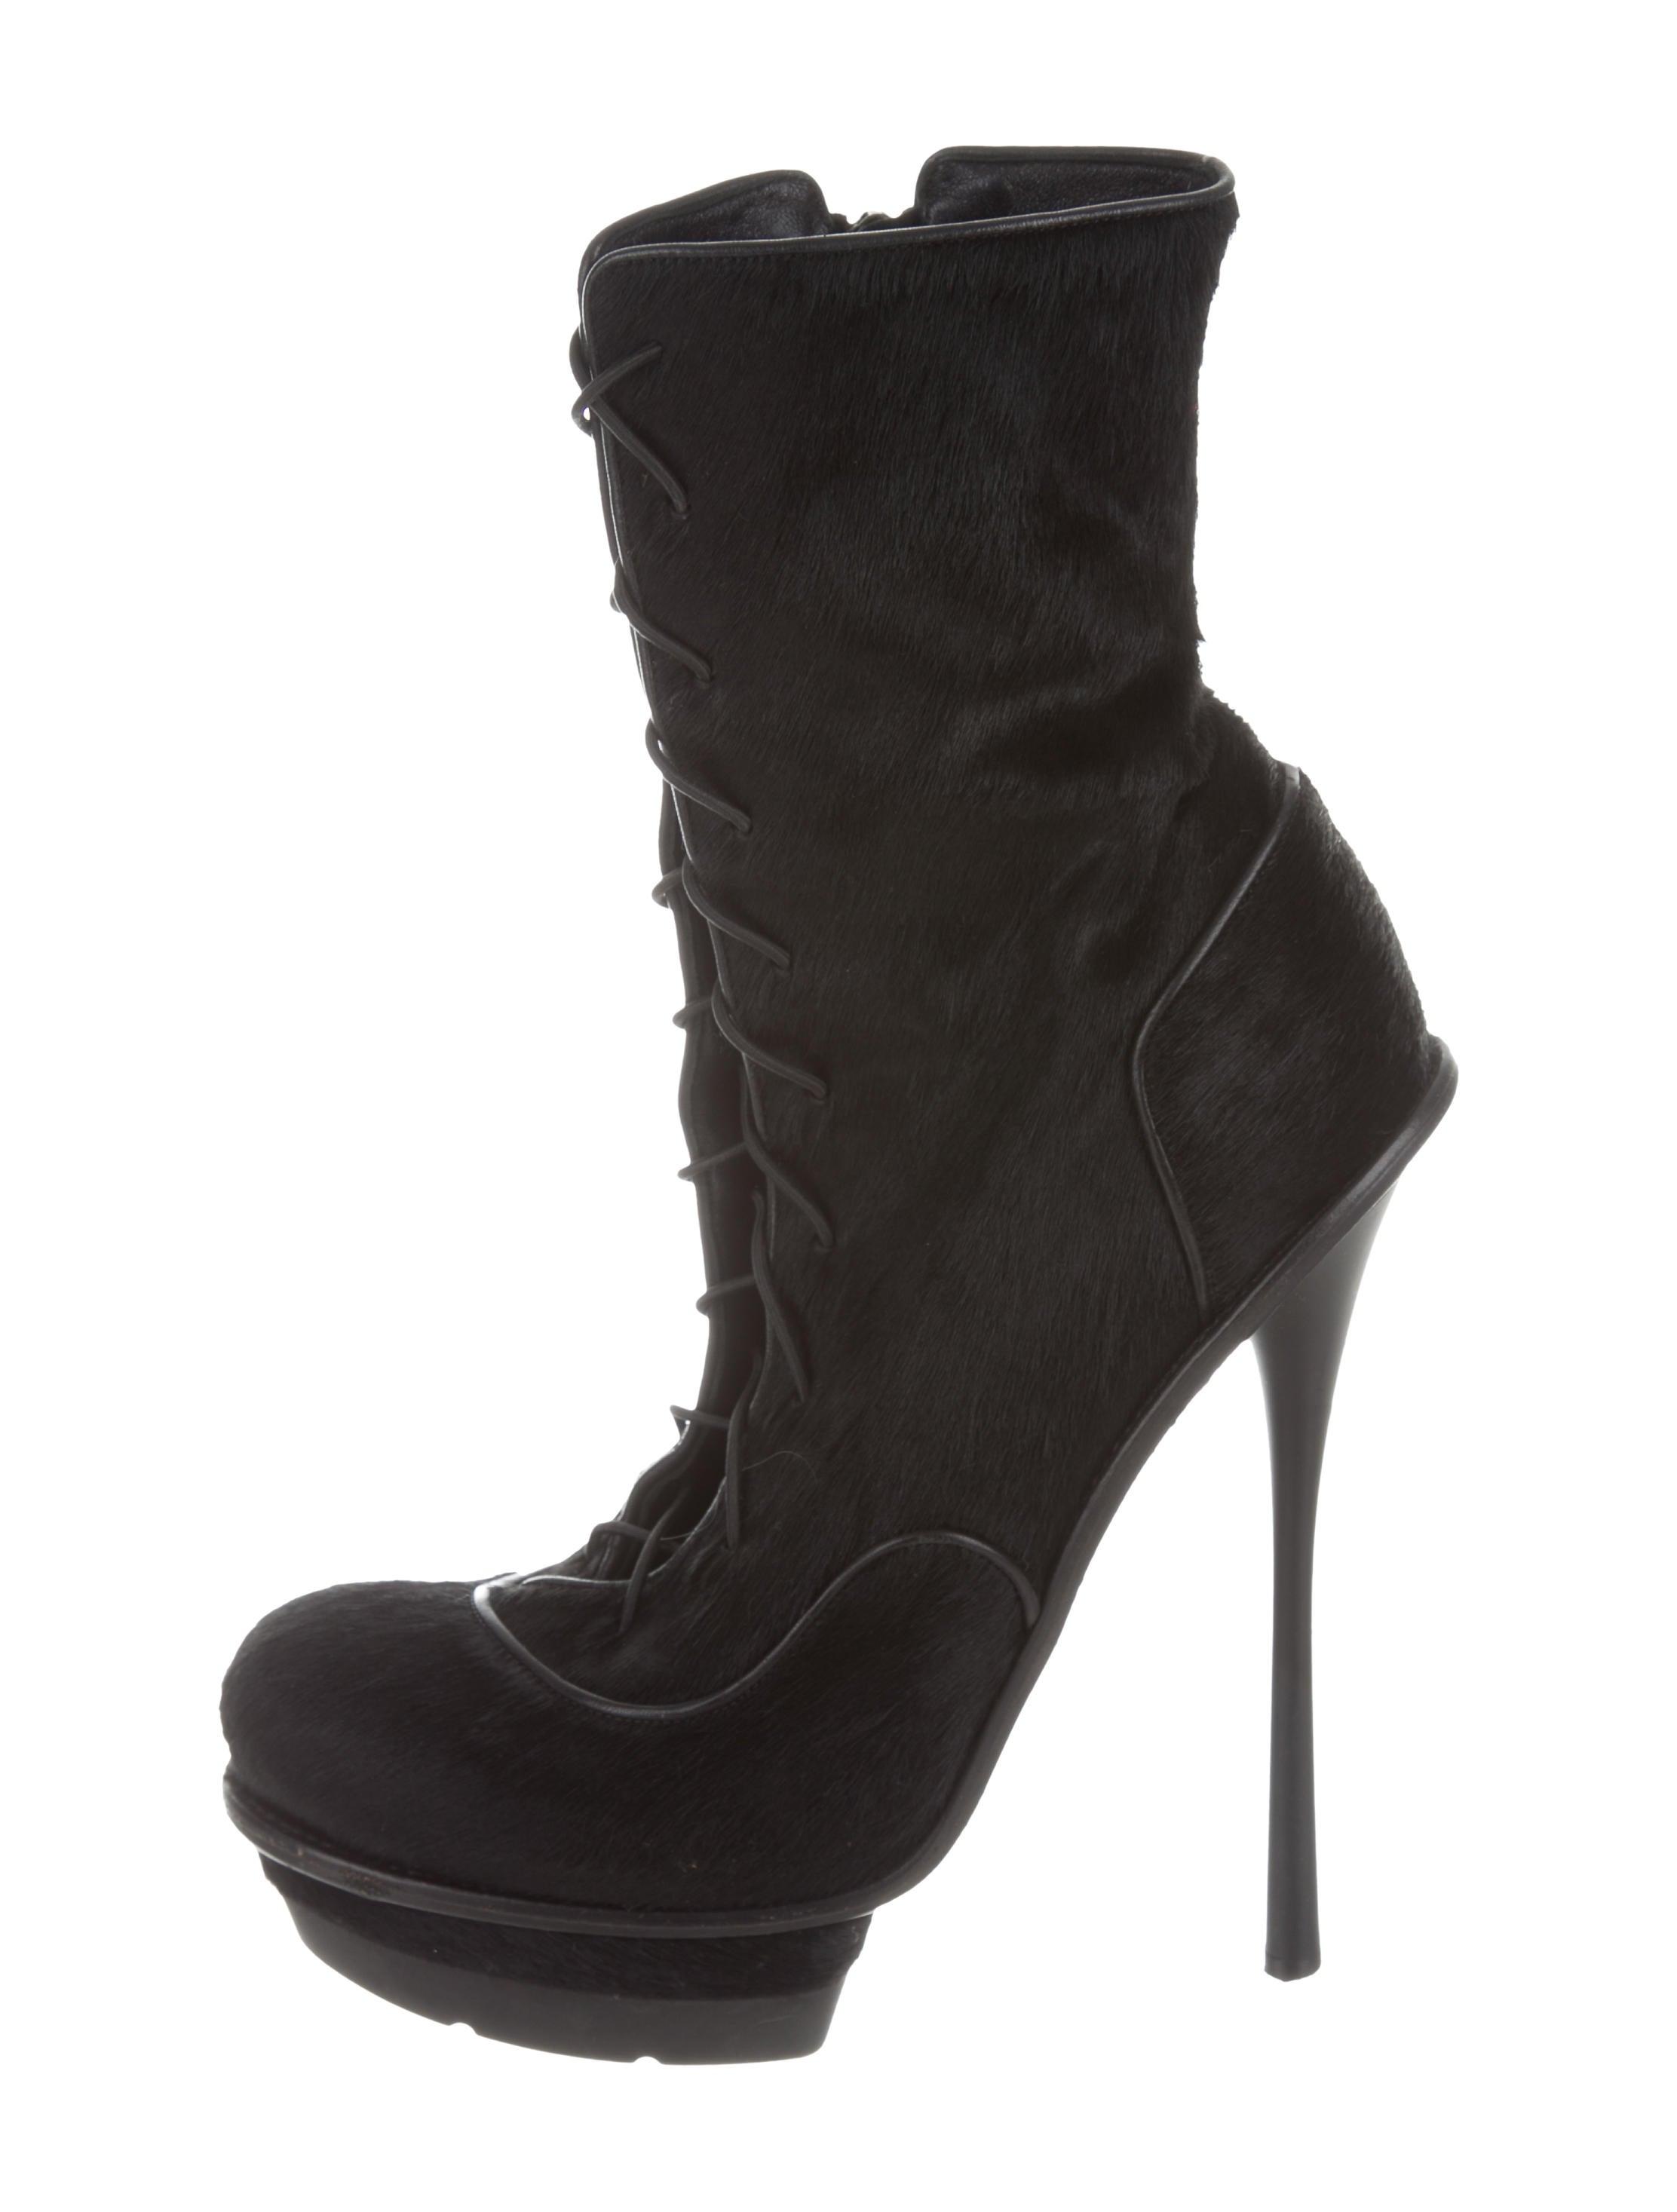 Alexander McQueen Ponyhair Platform Ankle Boots sast cheap online Bjsv8MyMCI